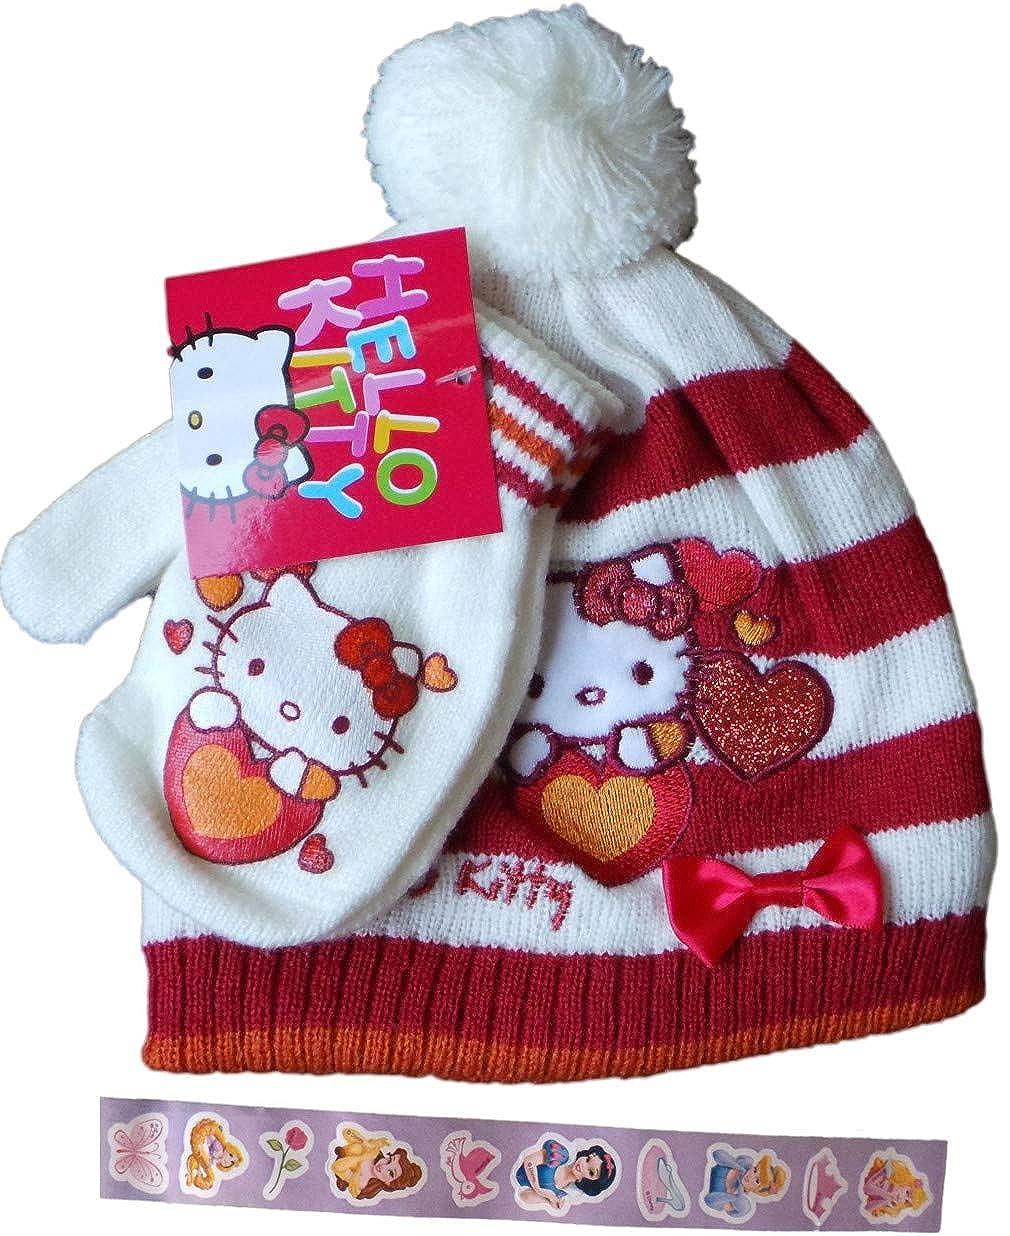 Sanrio Hello Kitty Baby/Kleinkinder Winterset mit Disney Princess Aufklebern - Glitzer mit Kitty - Mütze und Handschuhe - 10 Aufkleber - MLS Kids Bundle - Rot/Weiß/Mehrfarbig